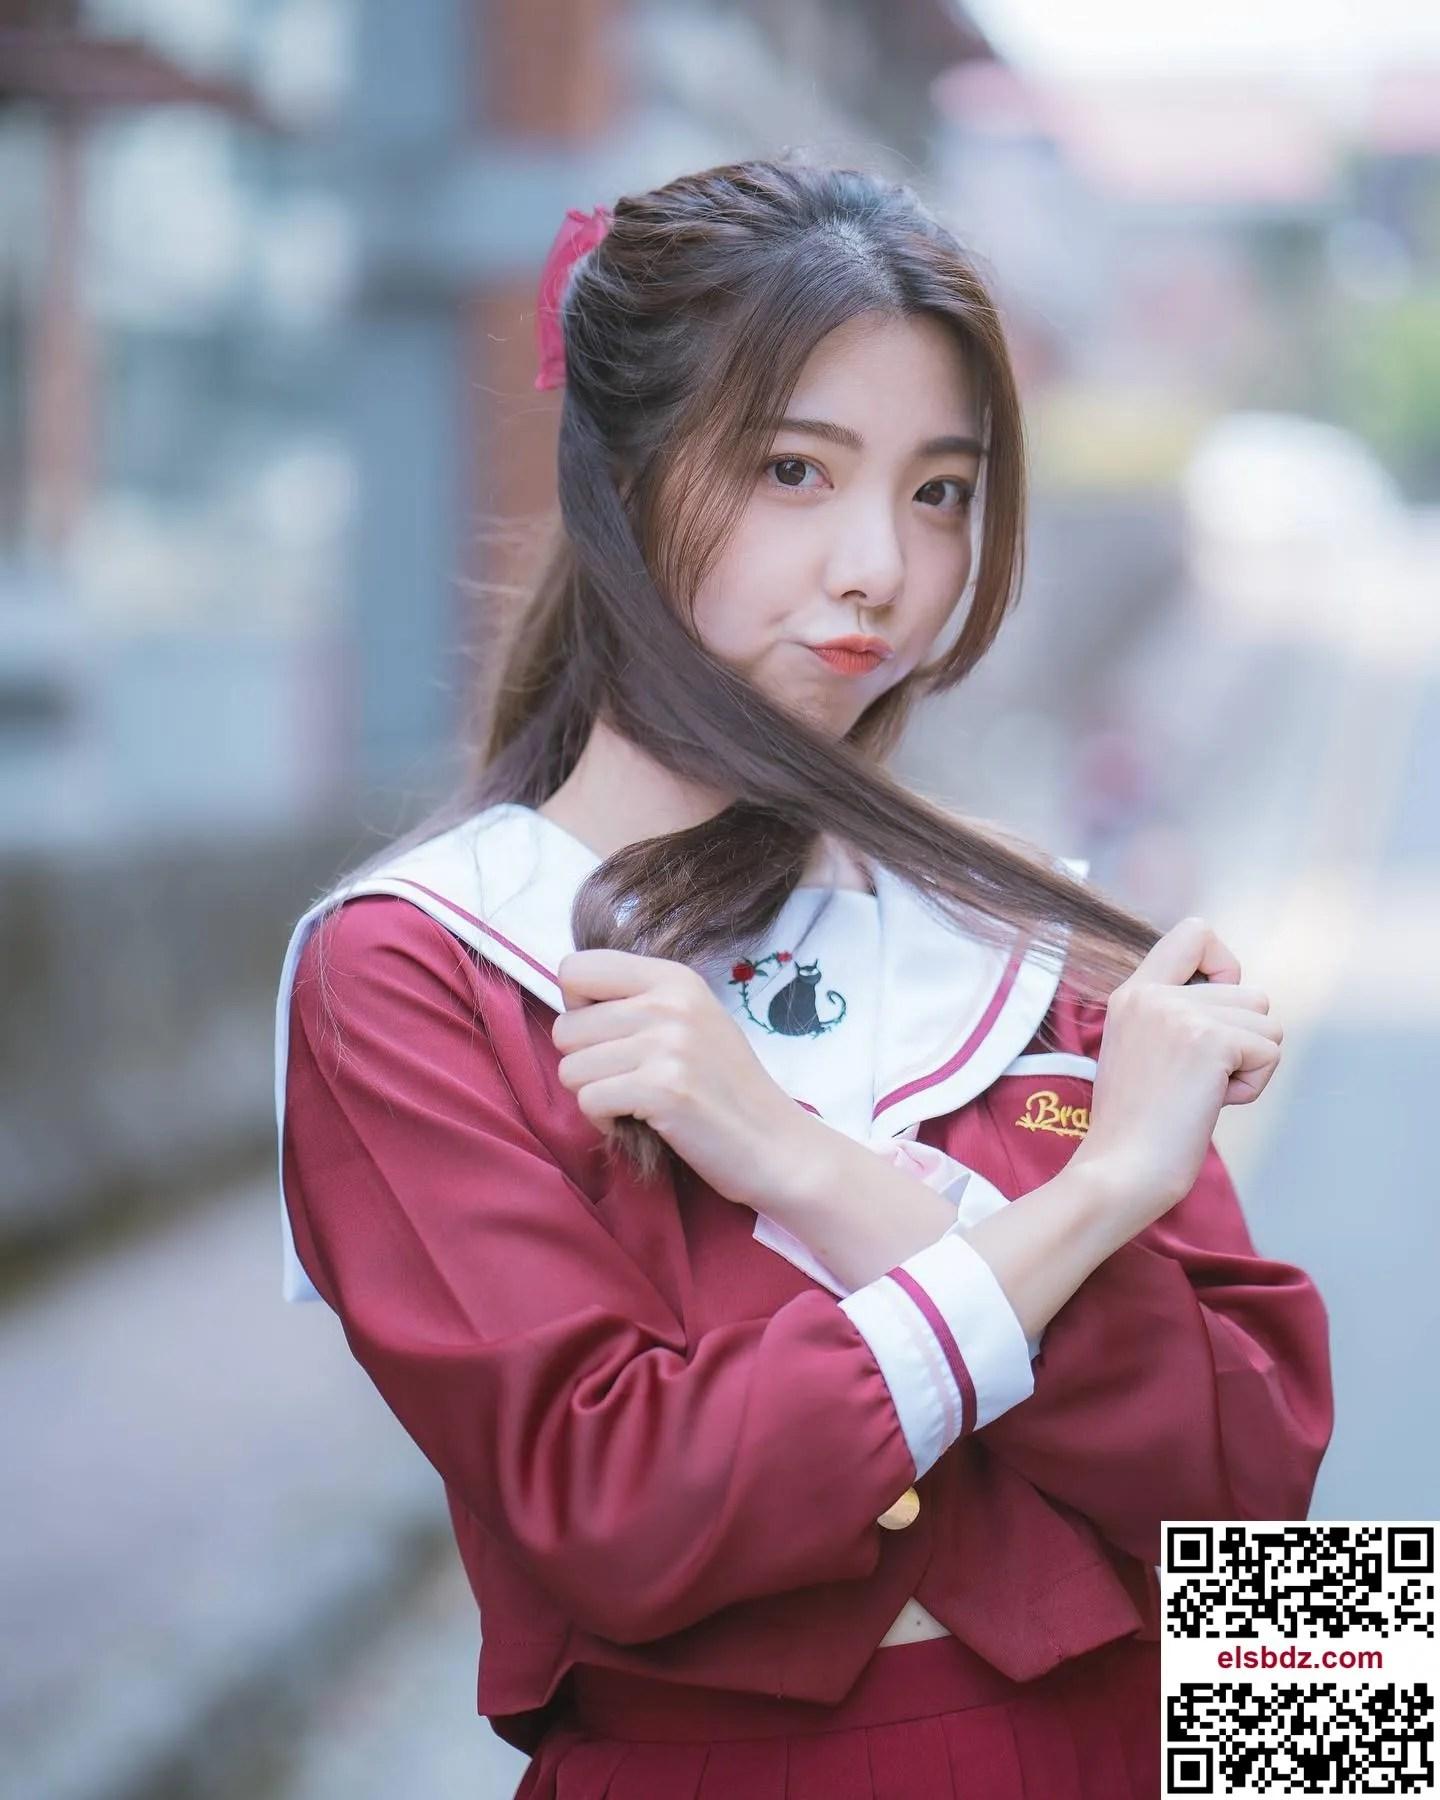 苏苏 Sue 女神 凶狠来袭完美鹅蛋脸插图(4)